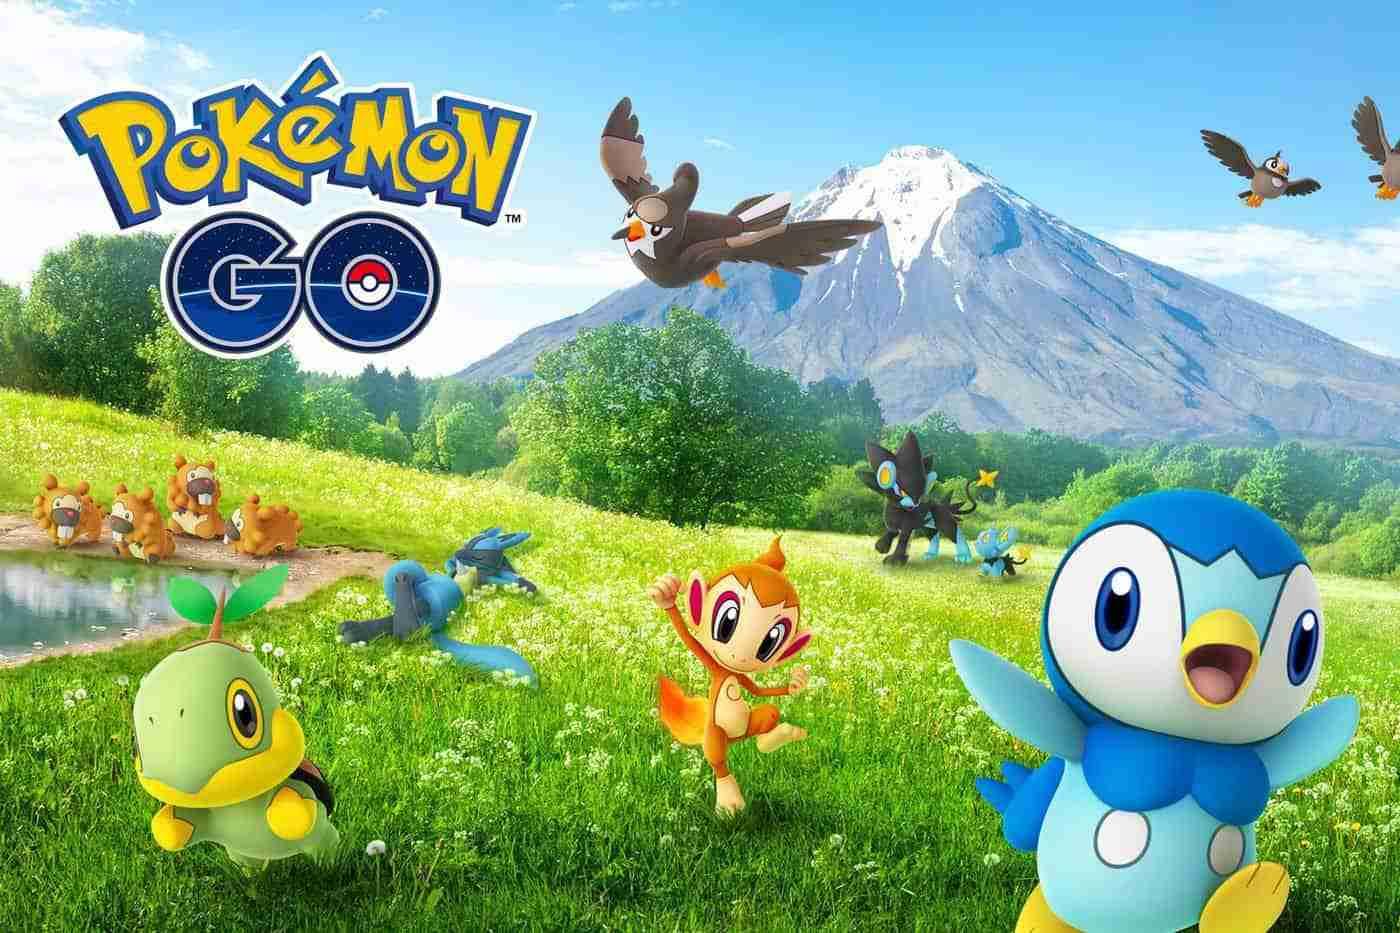 《宝可梦GO》累计收入突破30亿美元 美国玩家贡献最大